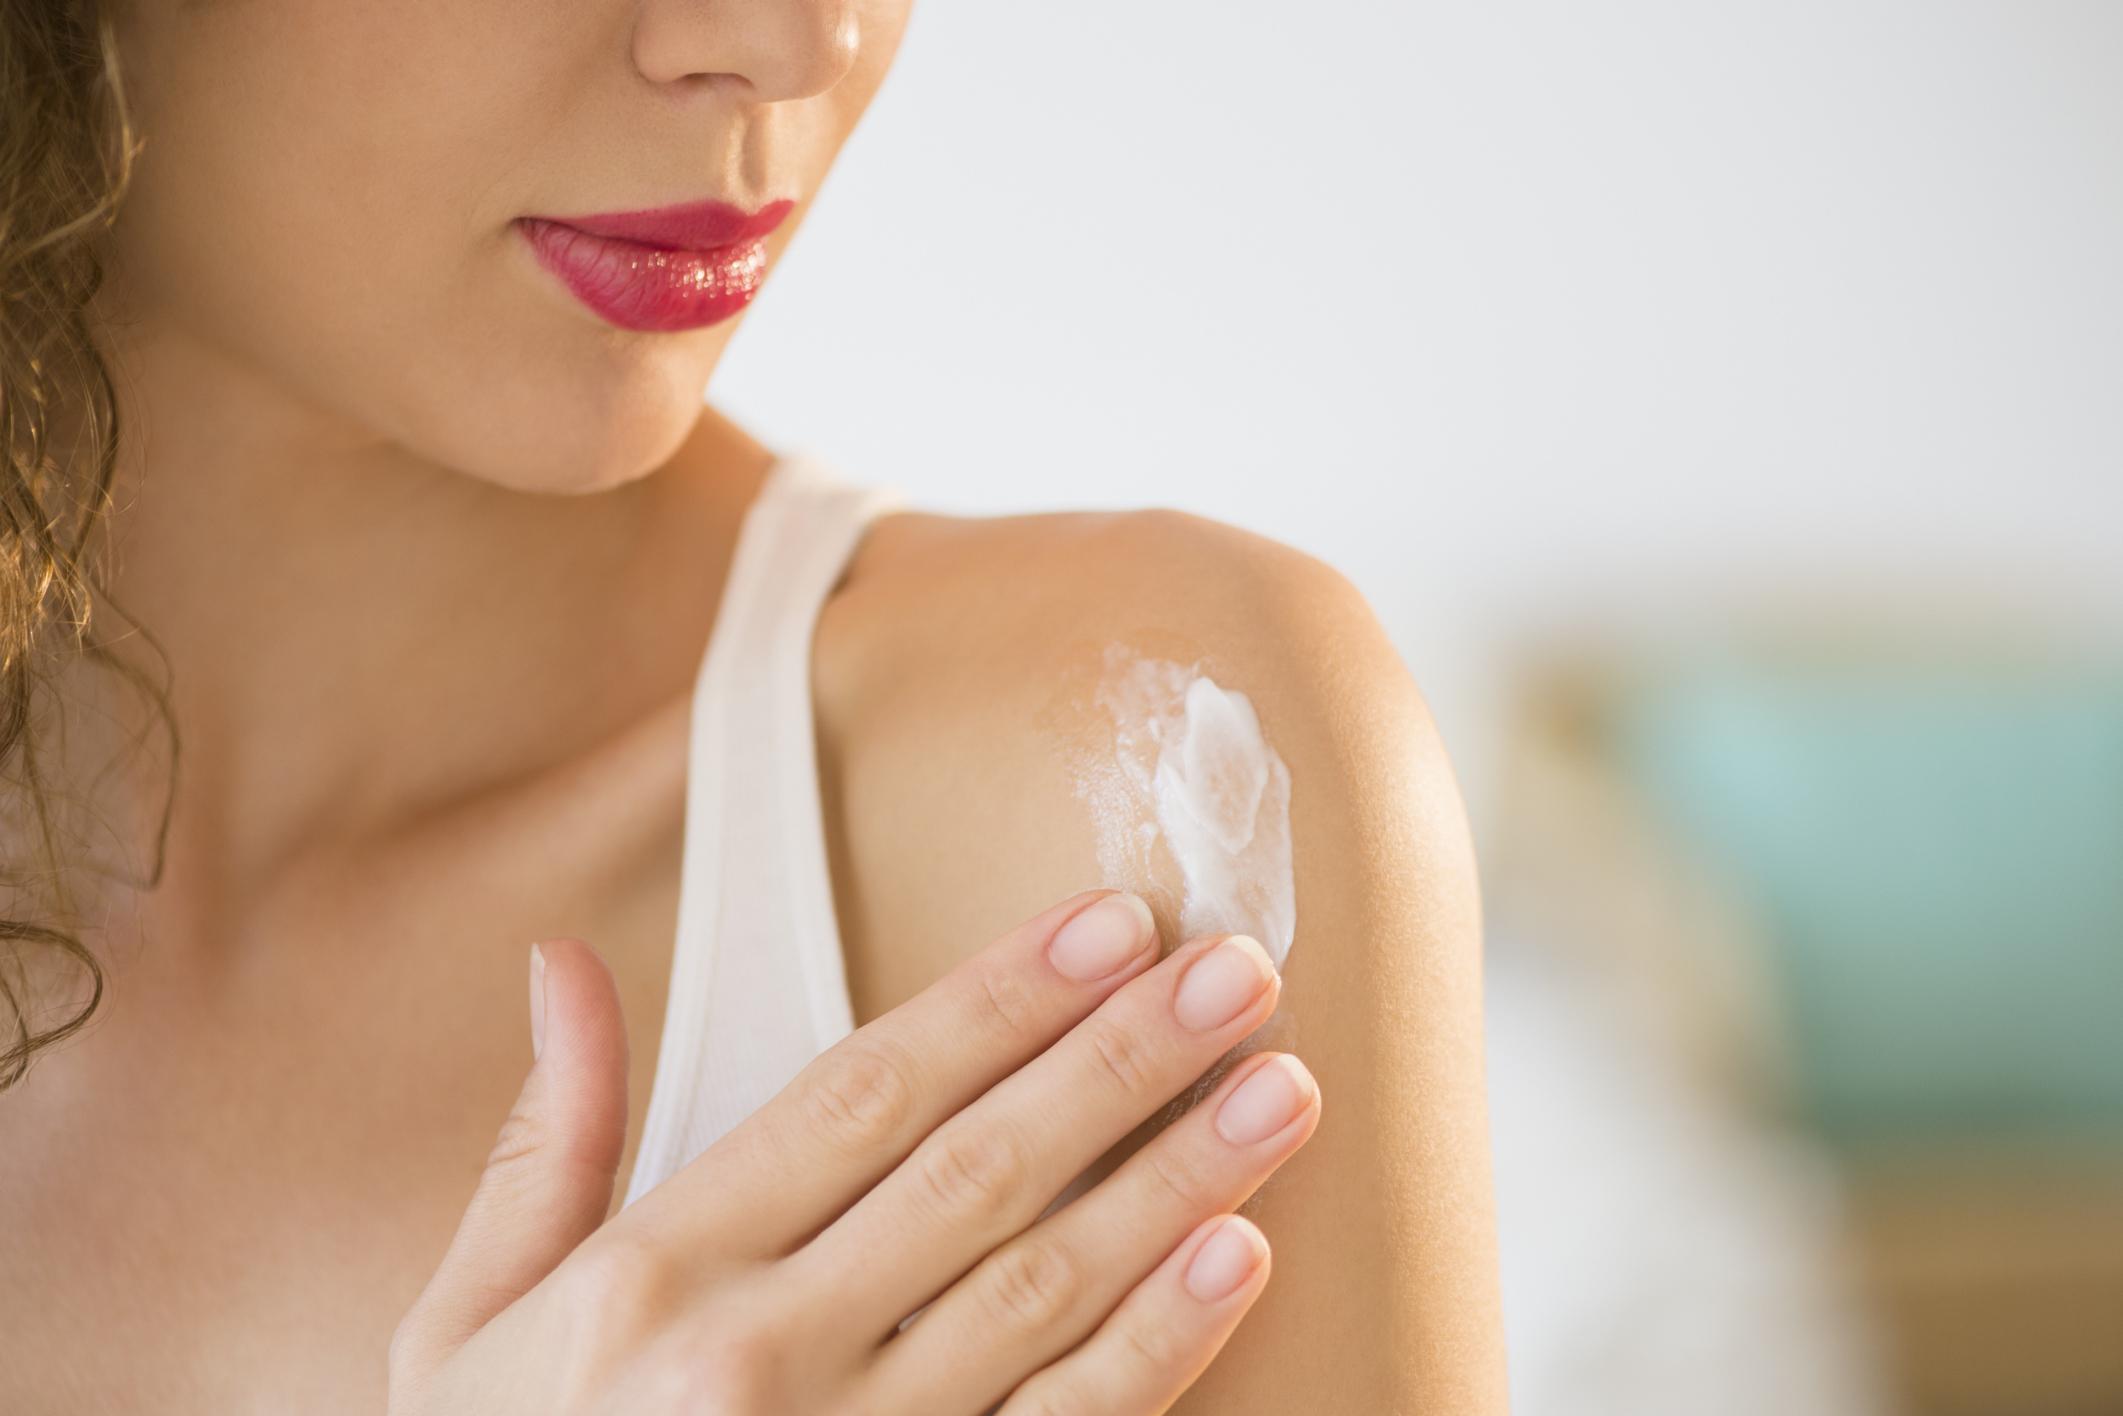 5 Bước hướng dẫn sử dụng Kem chống nắng giúp bảo vệ da hiệu quả nhất - DABO  - Mỹ phẩm thiên nhiên Hàn Quốc